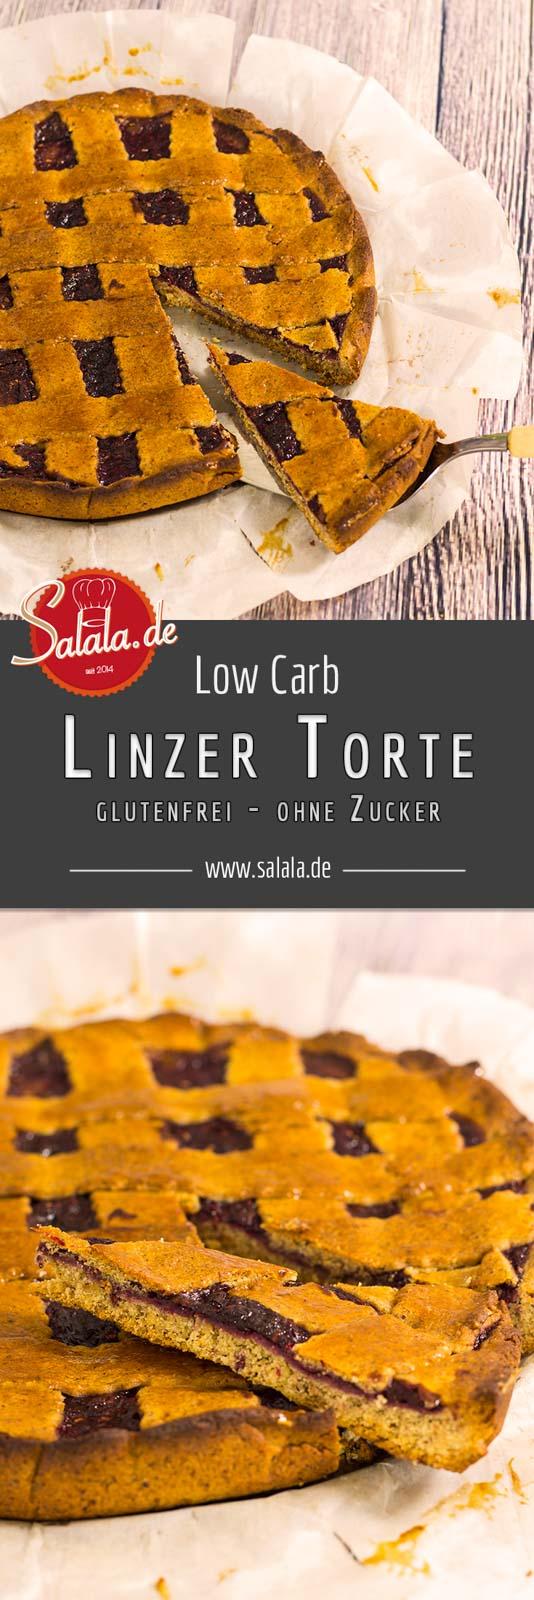 Linzer Torte Rezept - by salala.de - Low Carb glutenfrei ohne Mehl ohne Zucker mit selbstgemachter Marmelade salala.de mehlfrei zuckerfrei